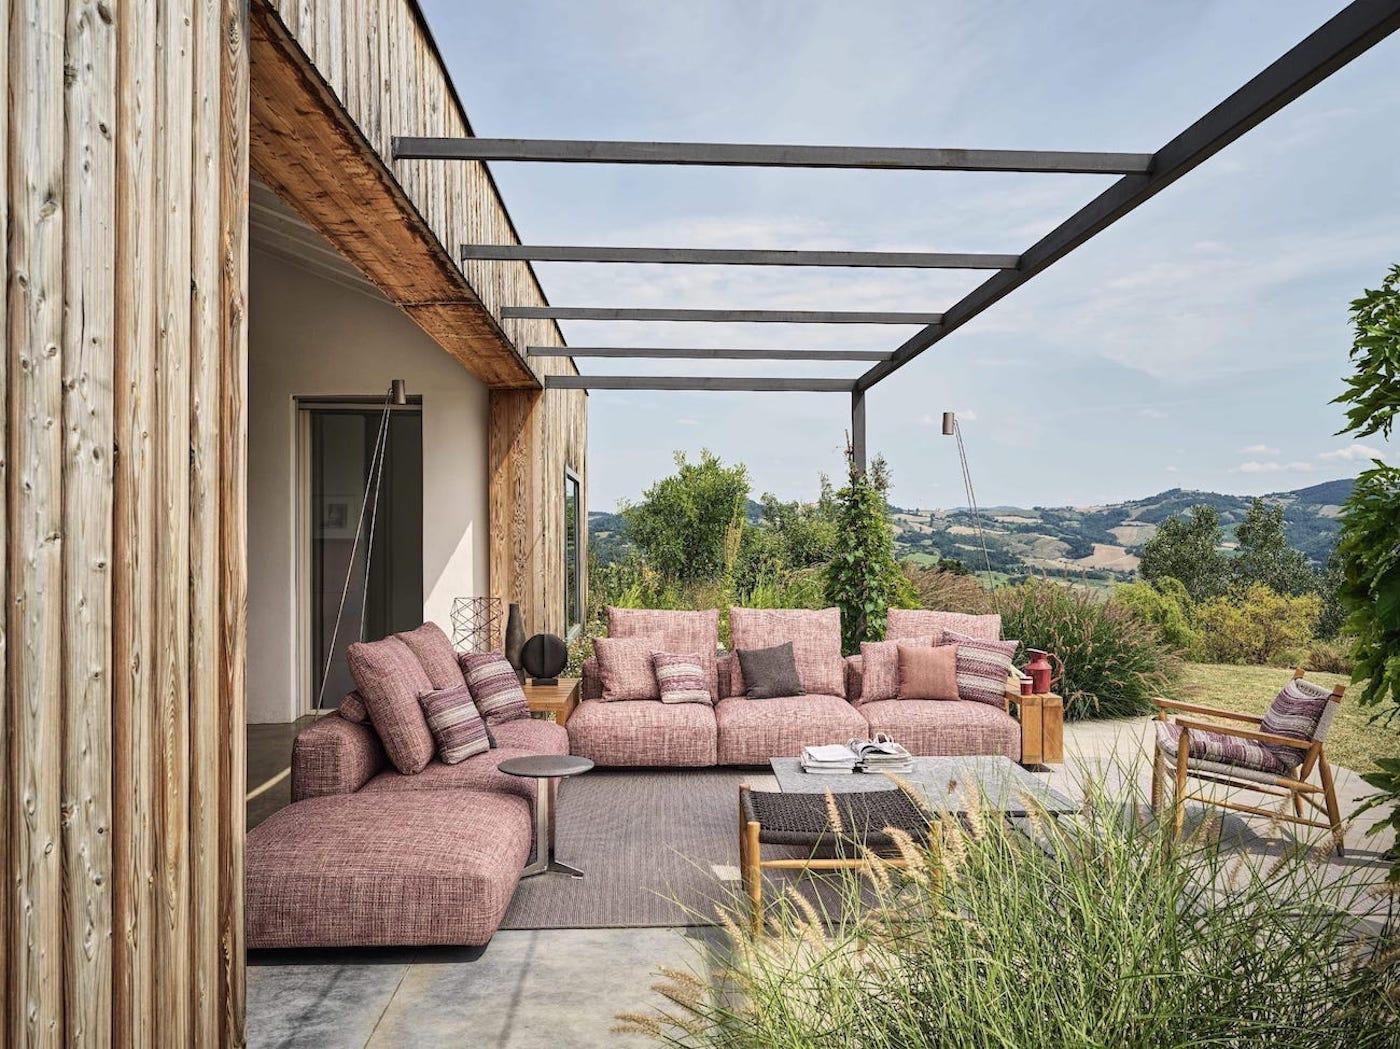 Loungemöbel für den Garten: 5 aktuelle Trends